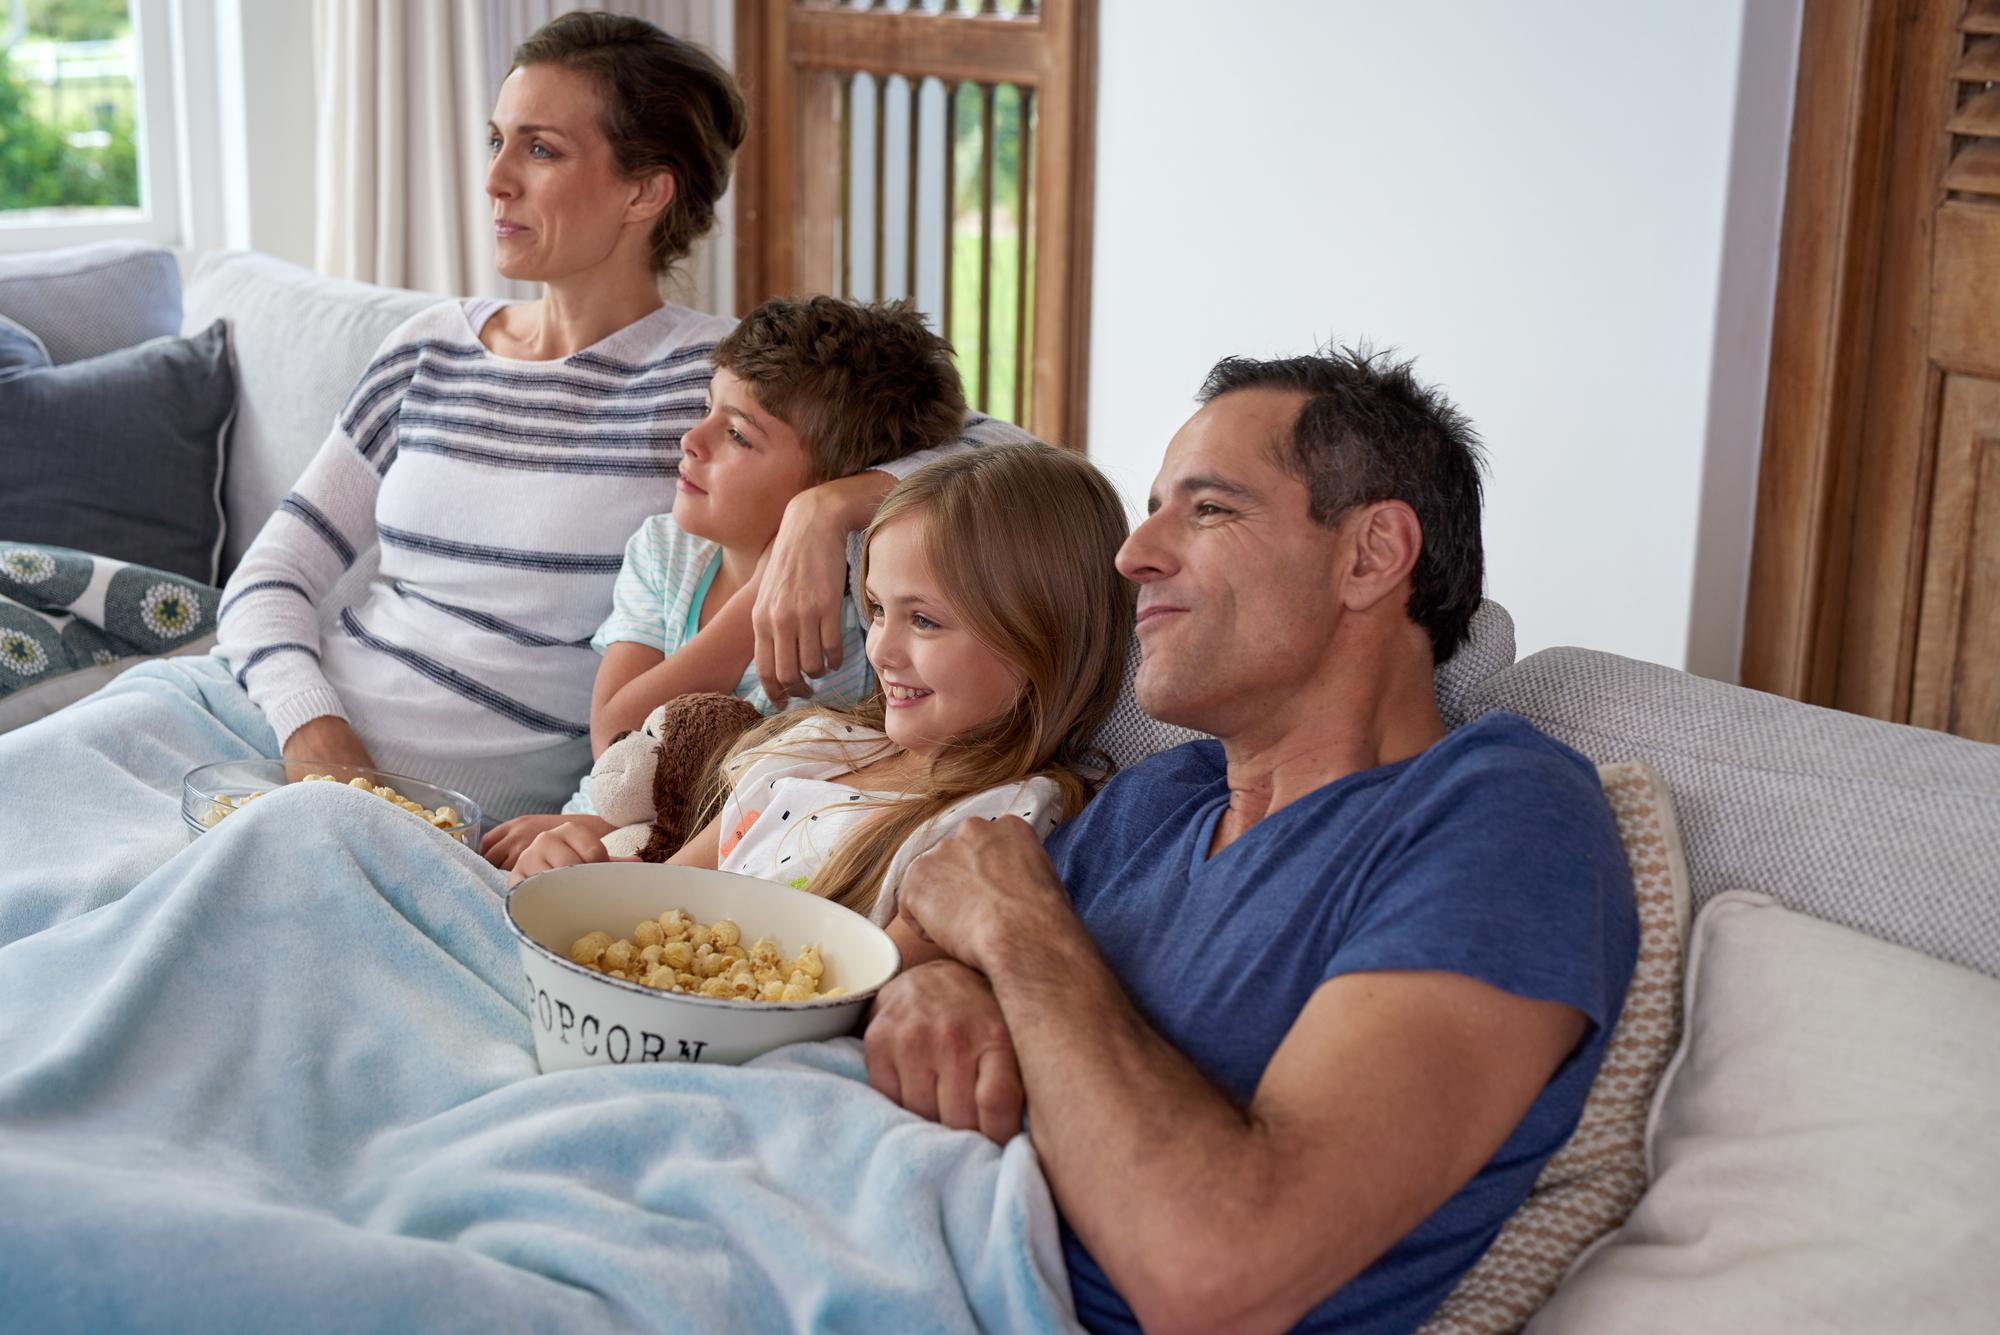 movies through online